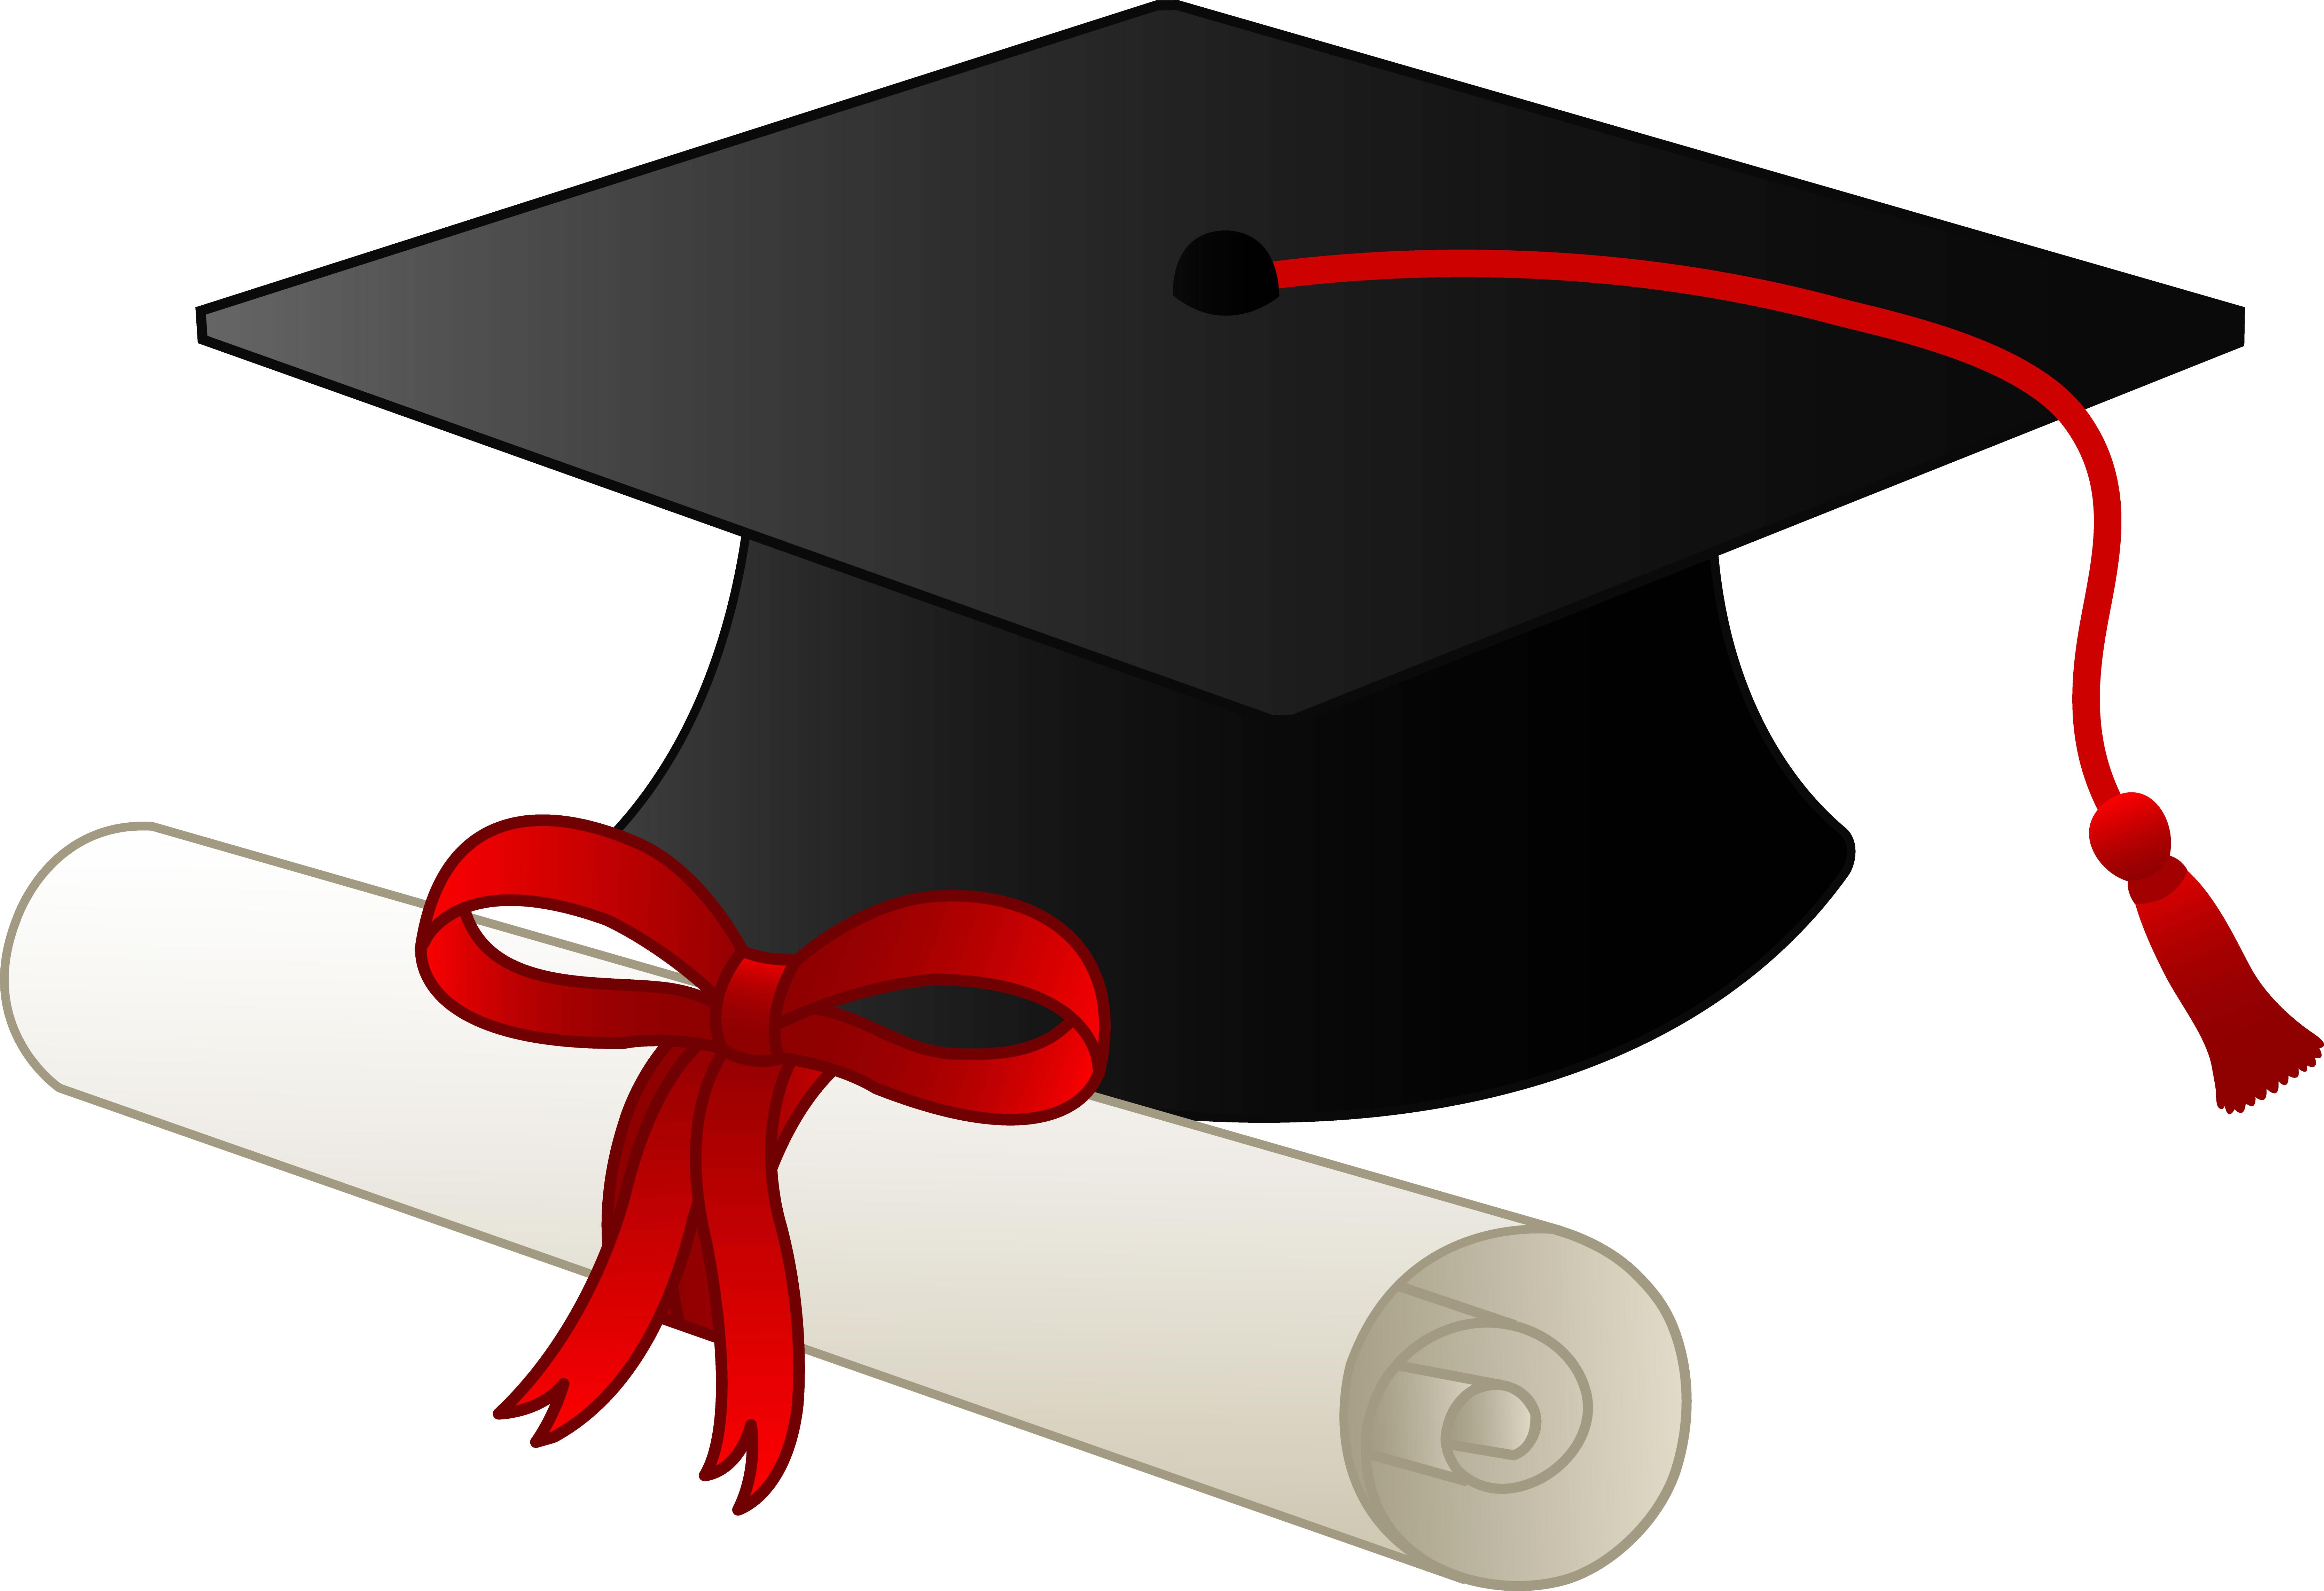 6675x4570 Graduation Cap Drawing